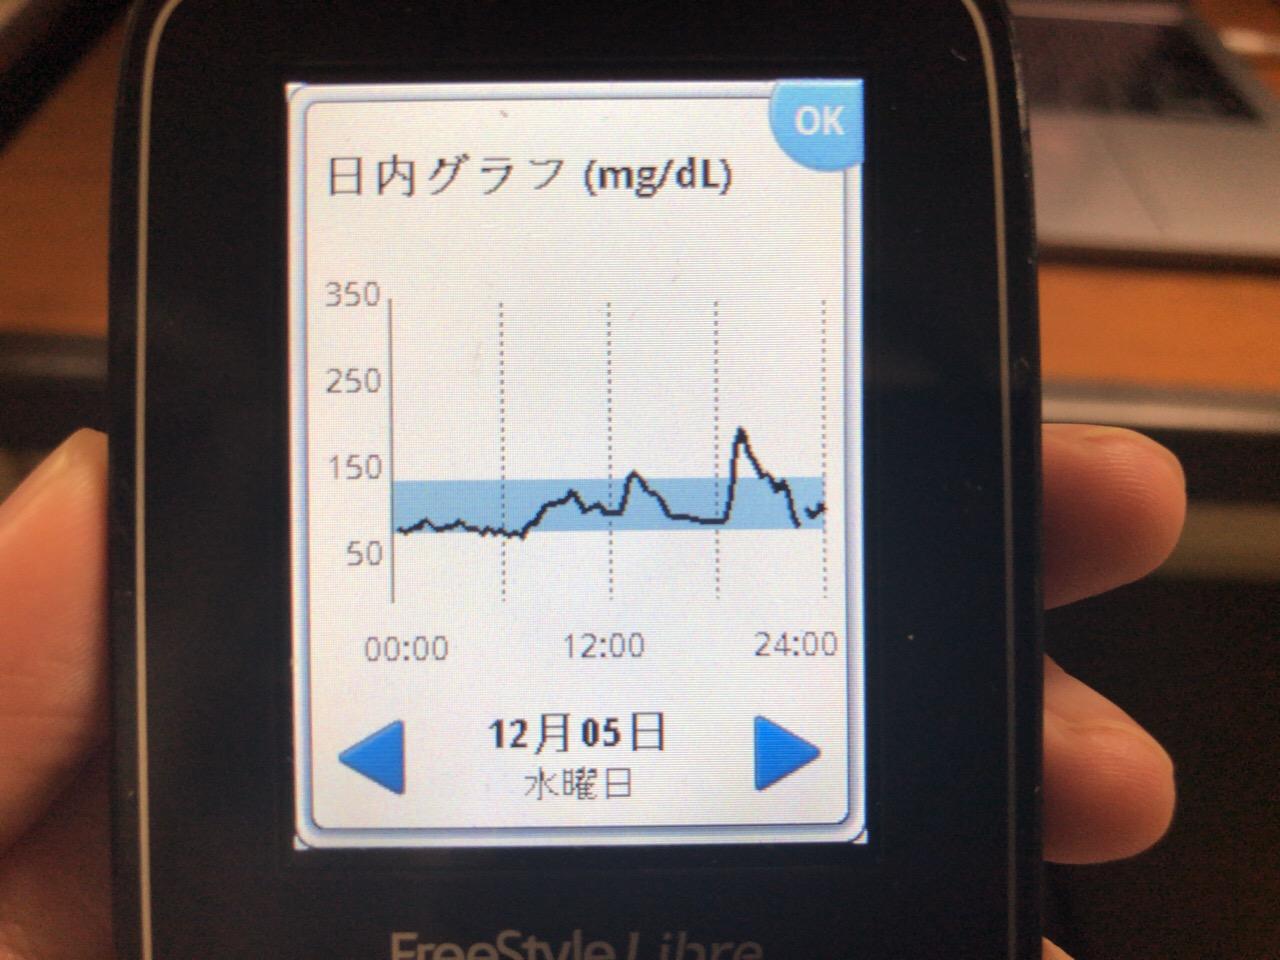 のど飴1個での血糖上昇はわずかだと確認し,病棟の居残り当番でチキンカツ+ごはんが鋭く血糖値を上げて,さらにチョコバナナパウンドケーキまで食べてしまった1日|糖尿病内科医のフリースタイルリブレ自己血糖記録